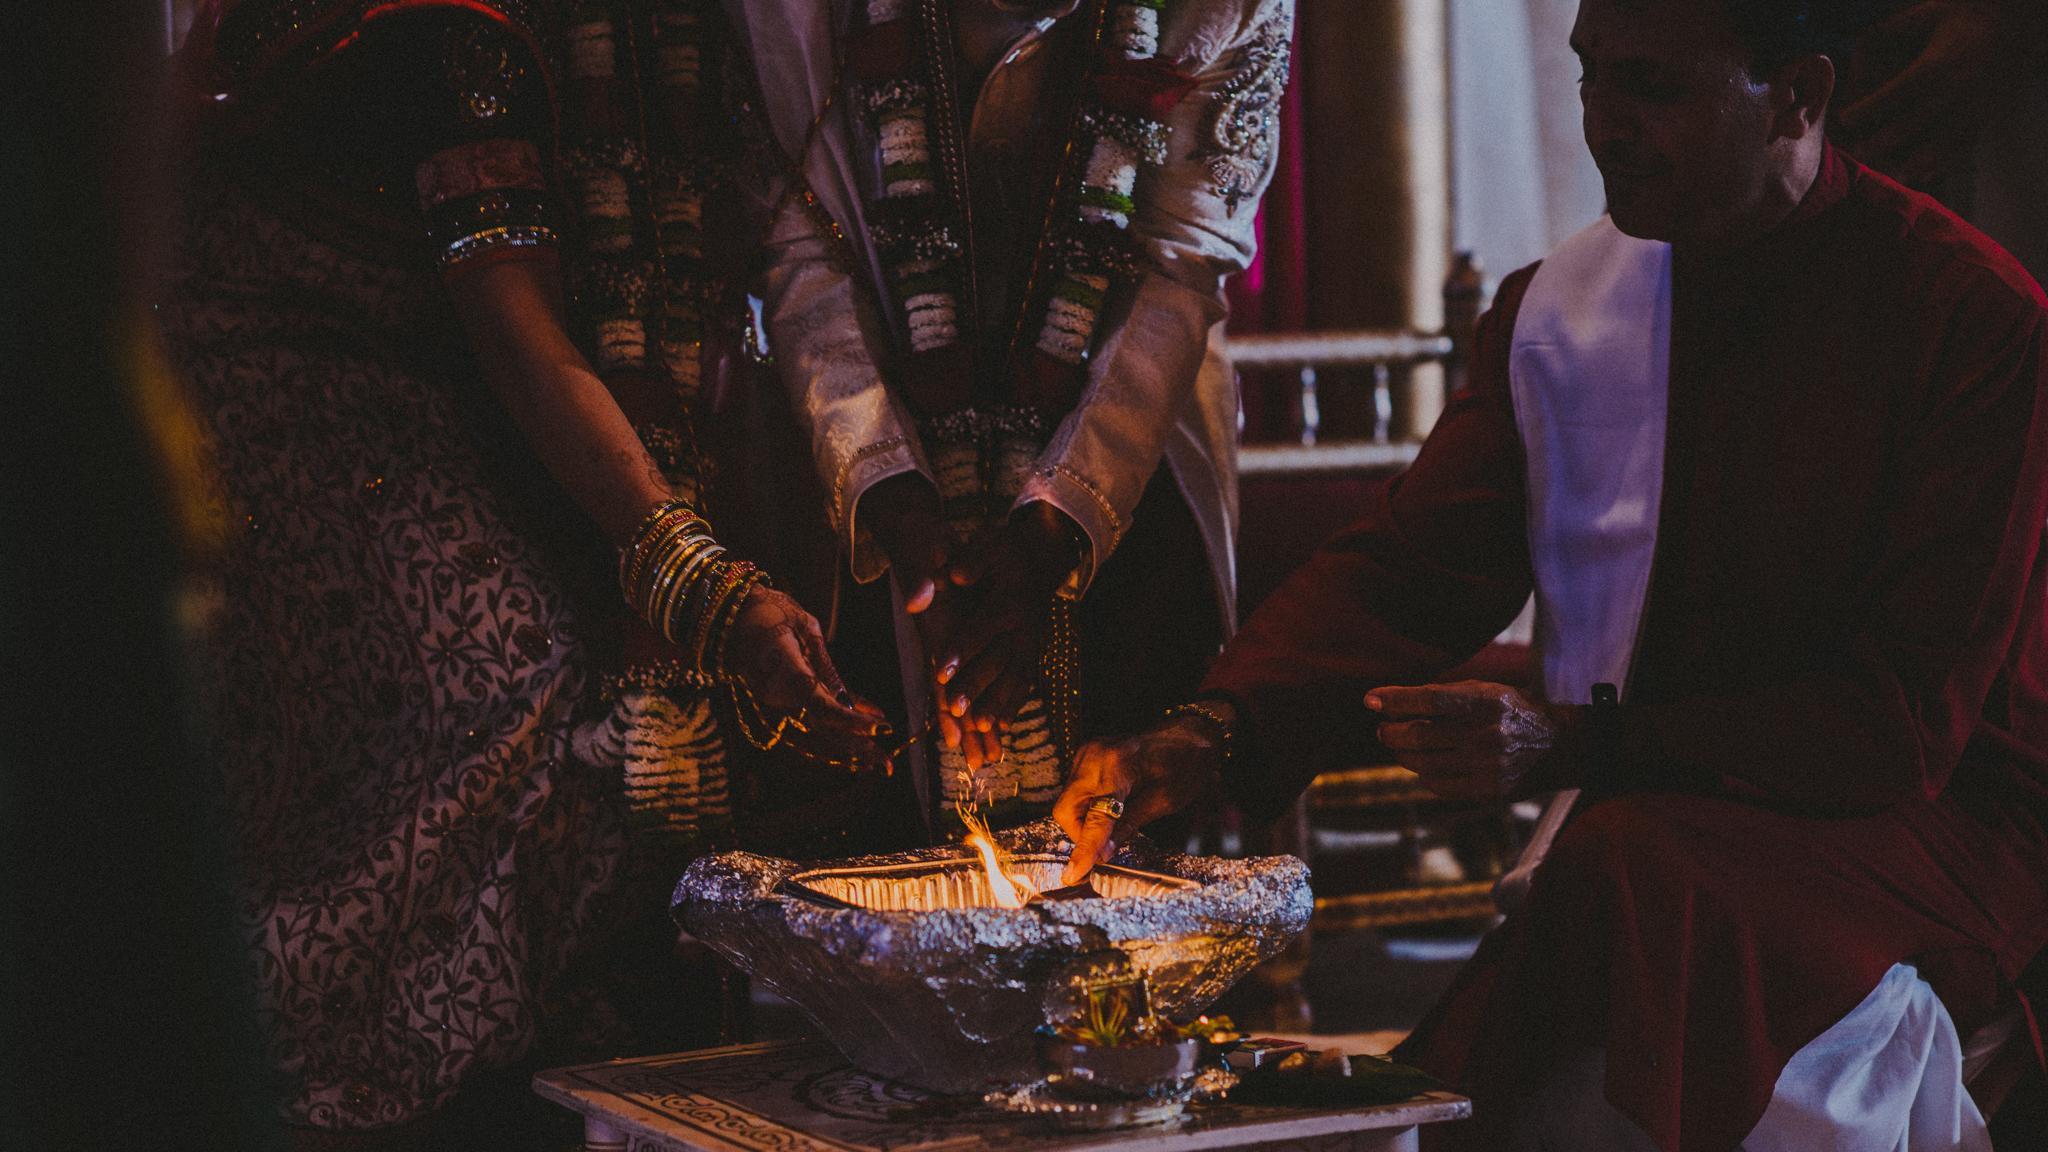 orlando_wedding_photographer_florida_gian_carlo_photography_035.jpg